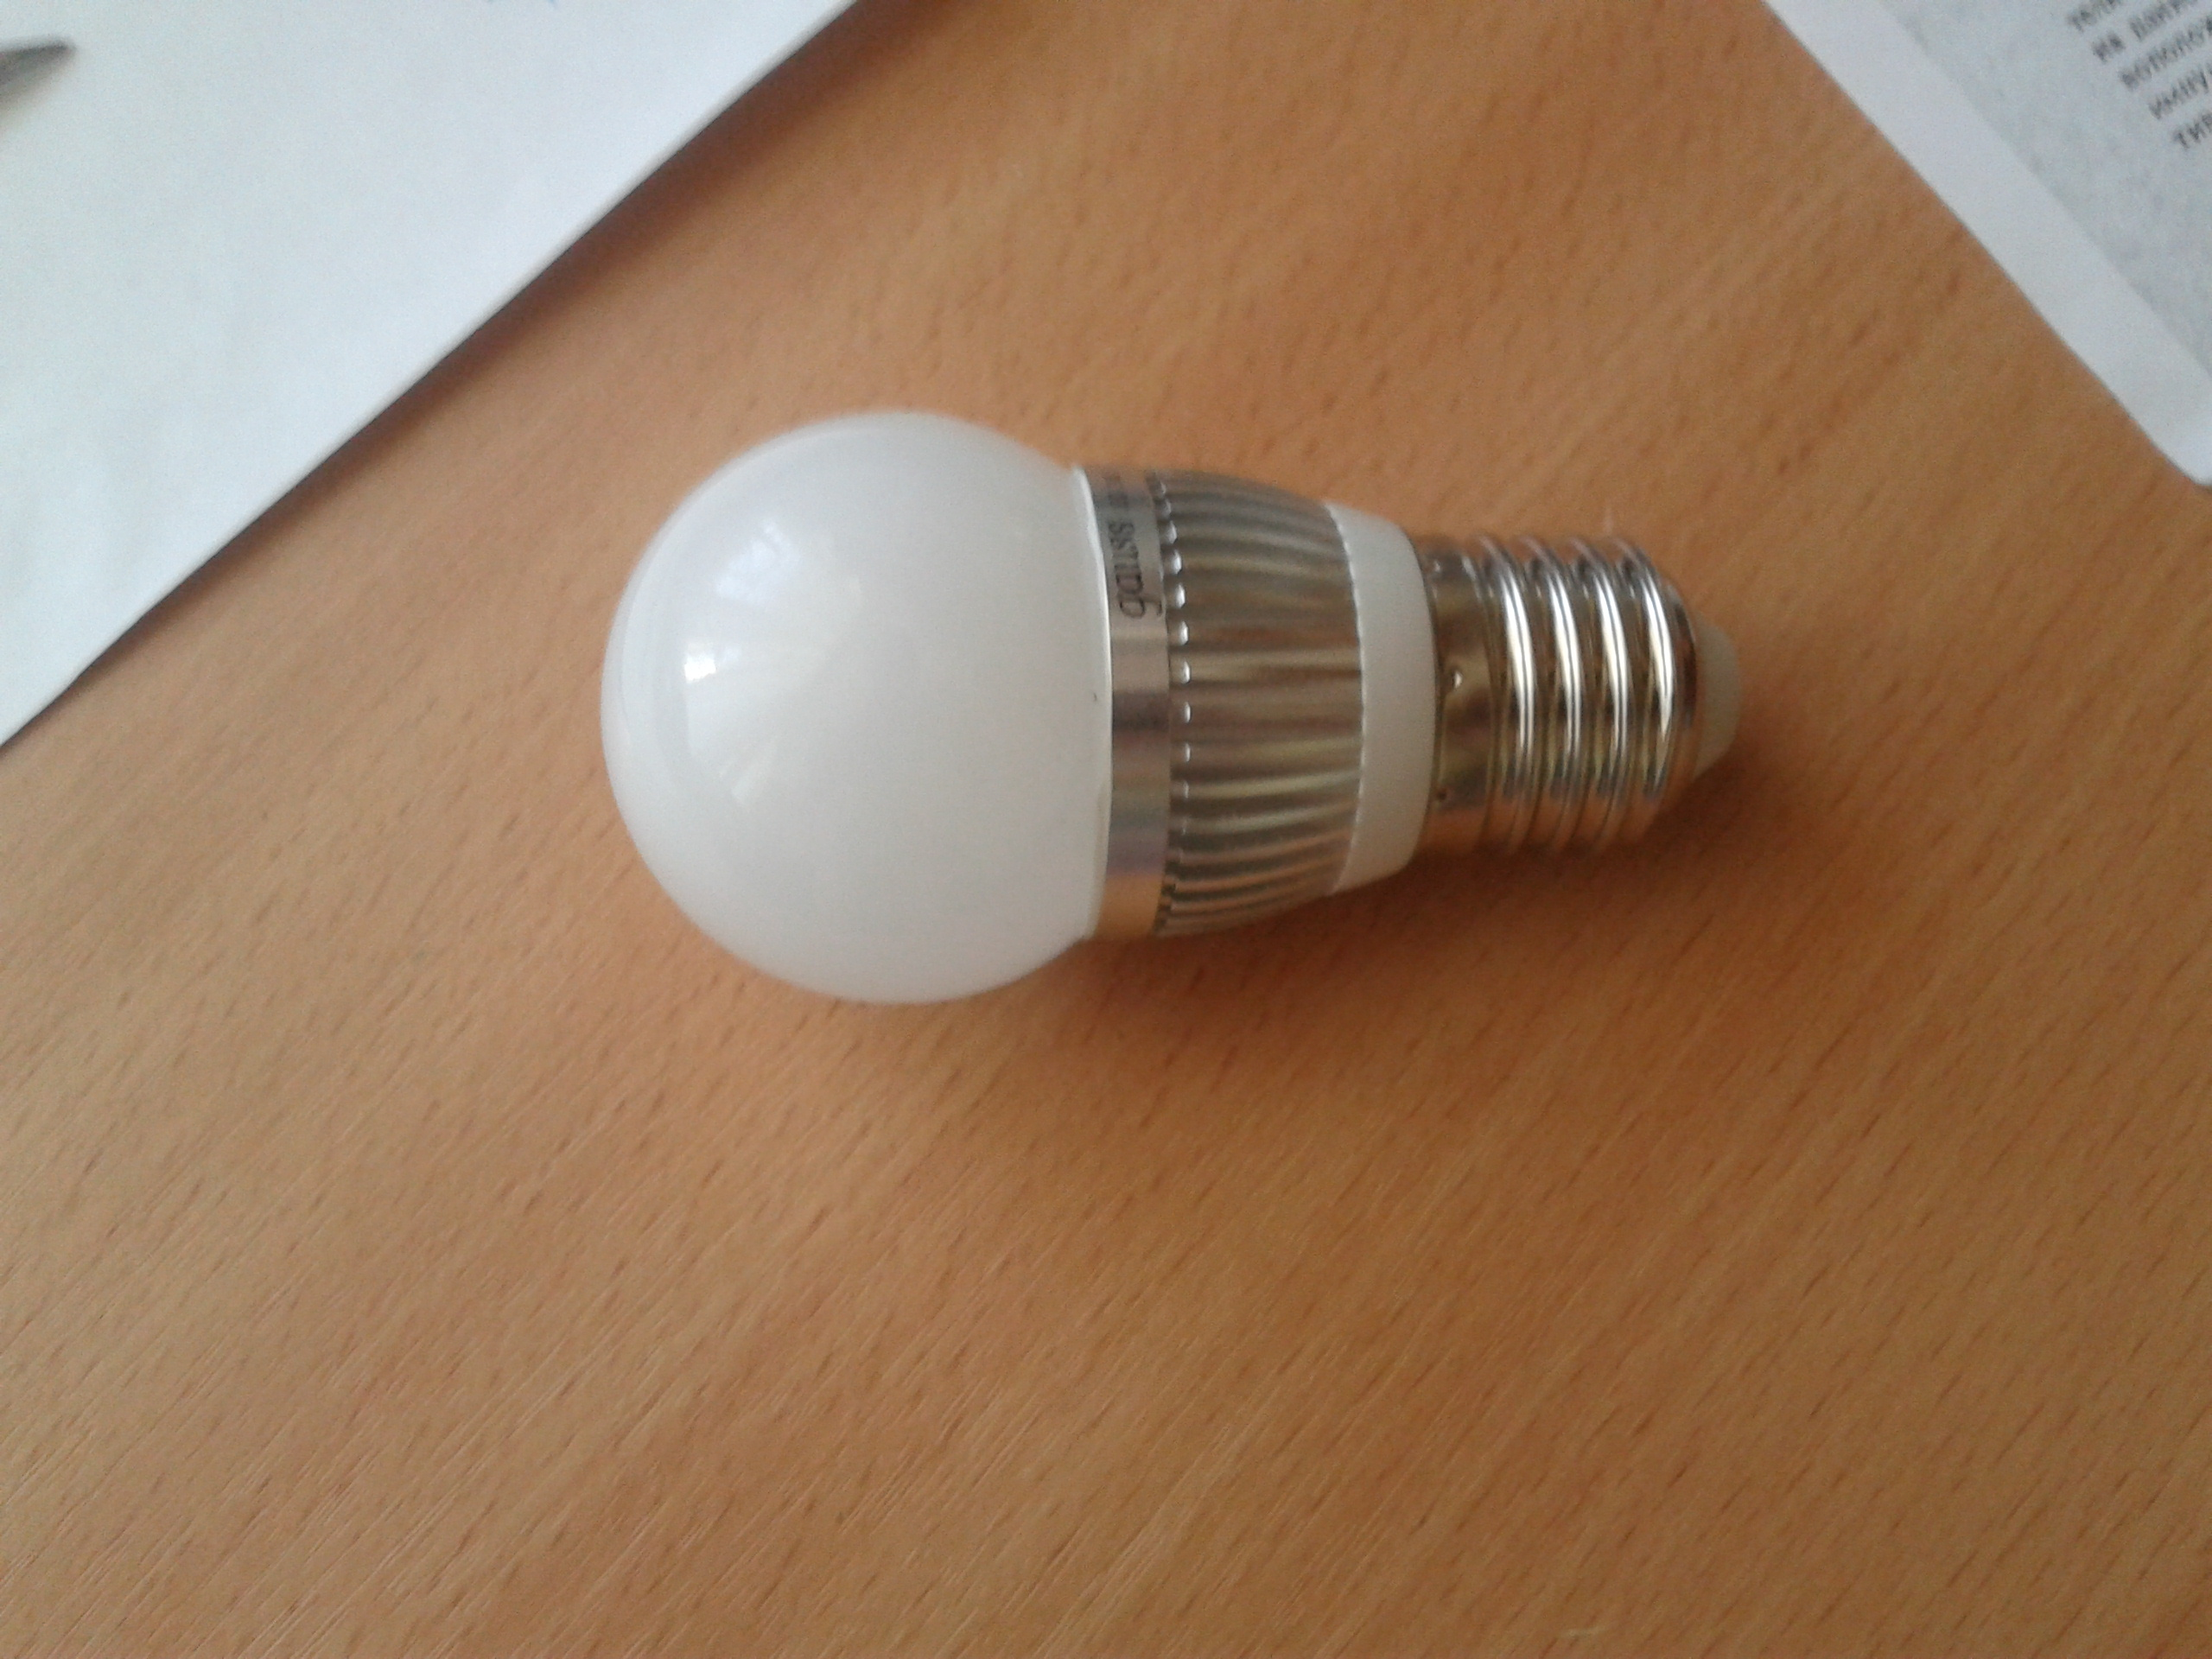 LED lampe sa E14 utičnicom: karakteristike, primena. Lampa E14 LED: glavne karakteristike 84